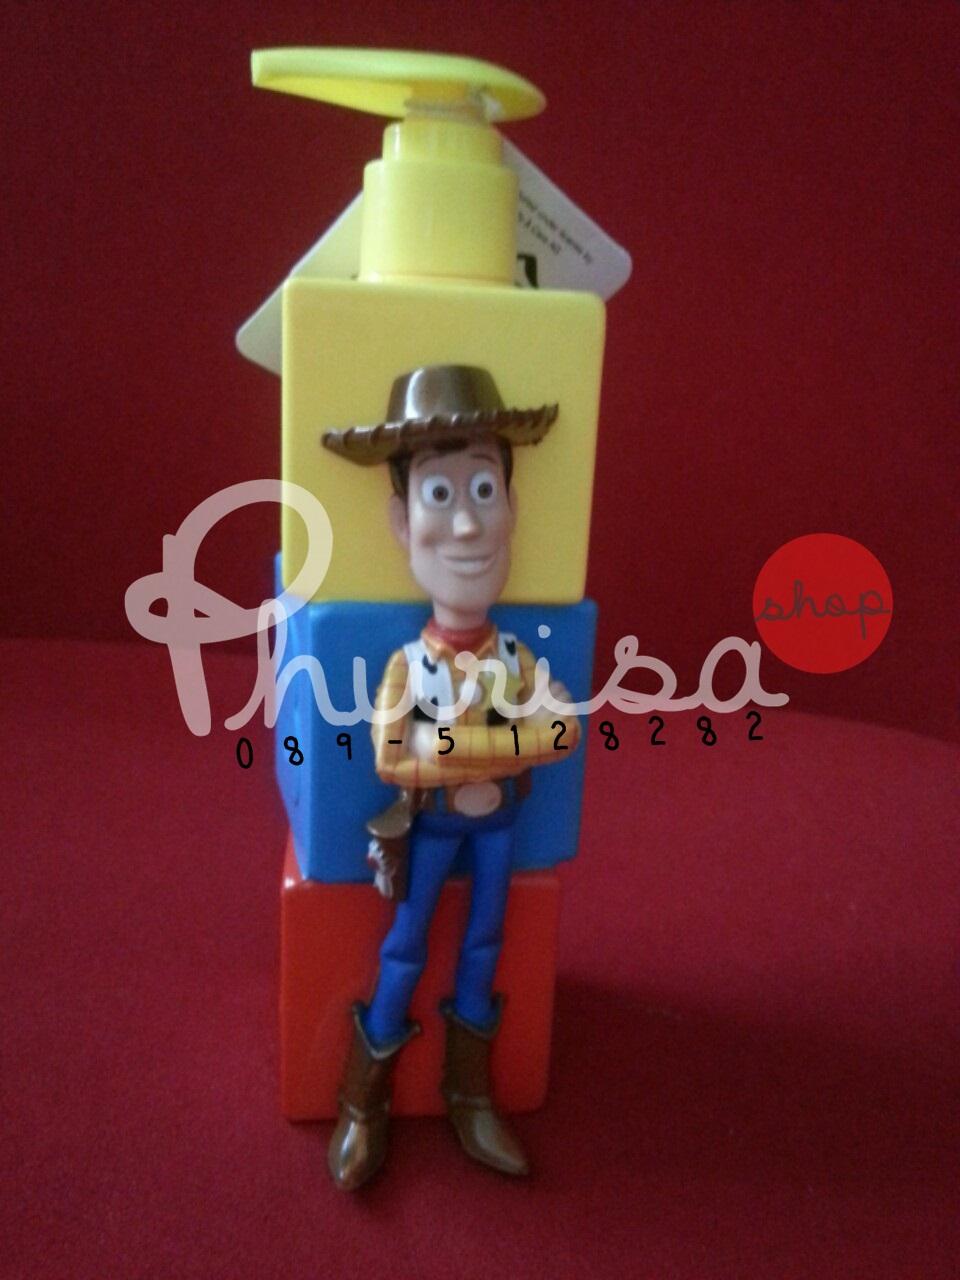 """ยอดนิยม! ครีมอาบนําเด็ก ลาย """"Toy Story 3D"""""""